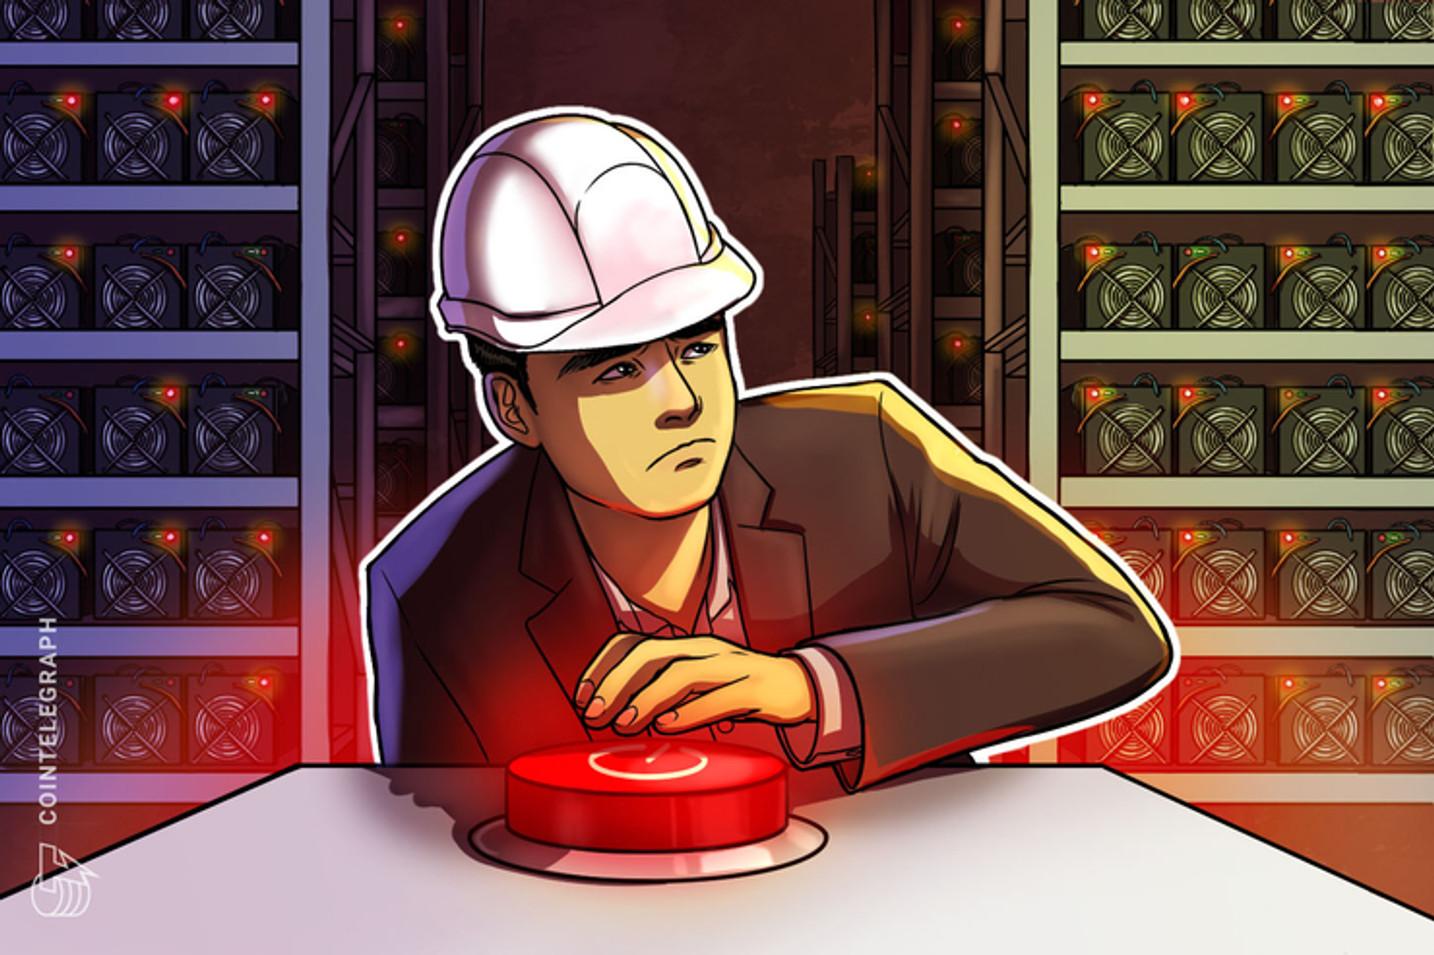 Venezuela: Policía de Aragua arresta a mineros de Bitcoin sin documentación; los sospechosos serían hermanos de un asesor del gobierno local